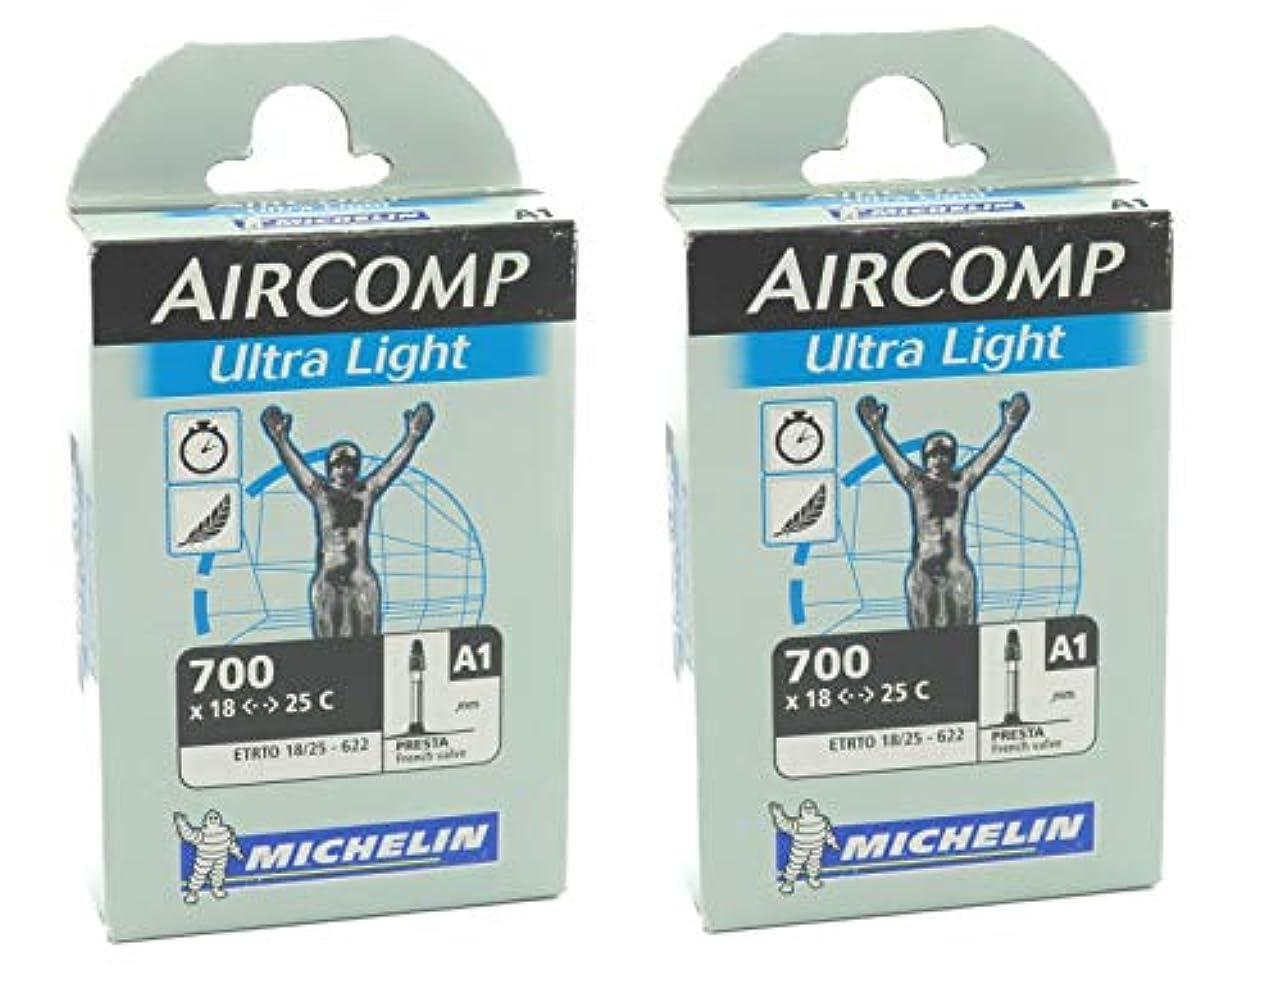 おそらく転送準備2本セット MICHELIN (ミシュラン) AIRCOMP ULTRALIGHT(エアーコンプウルトラライト) 700×18/25c 仏式 超軽量チューブ [並行輸入品]